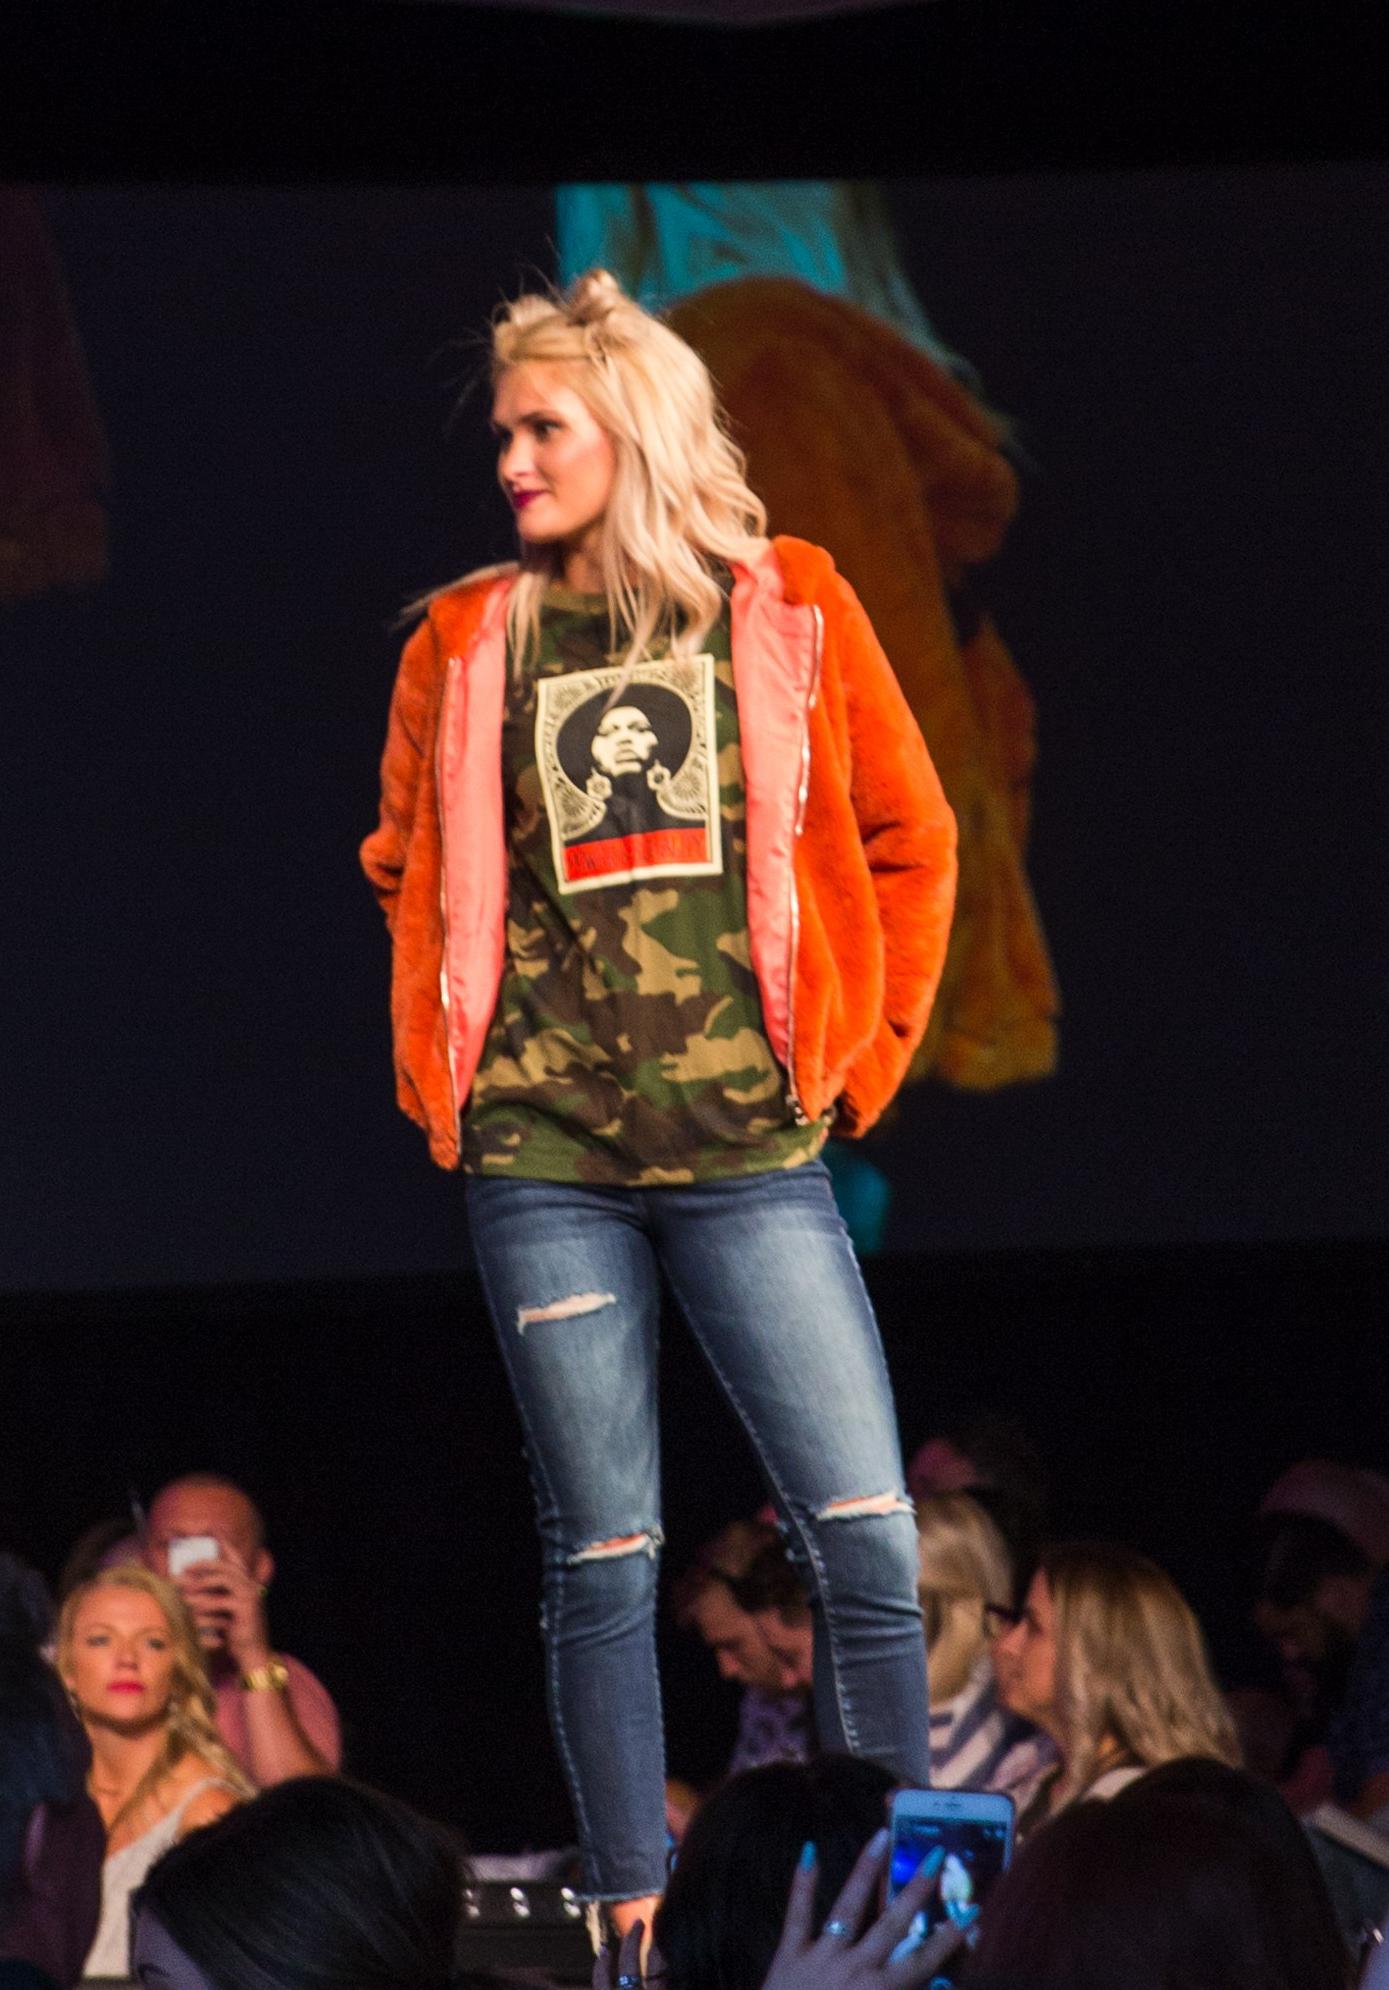 Women's Fall Fashion Cozy-chic Sherpa Jackets